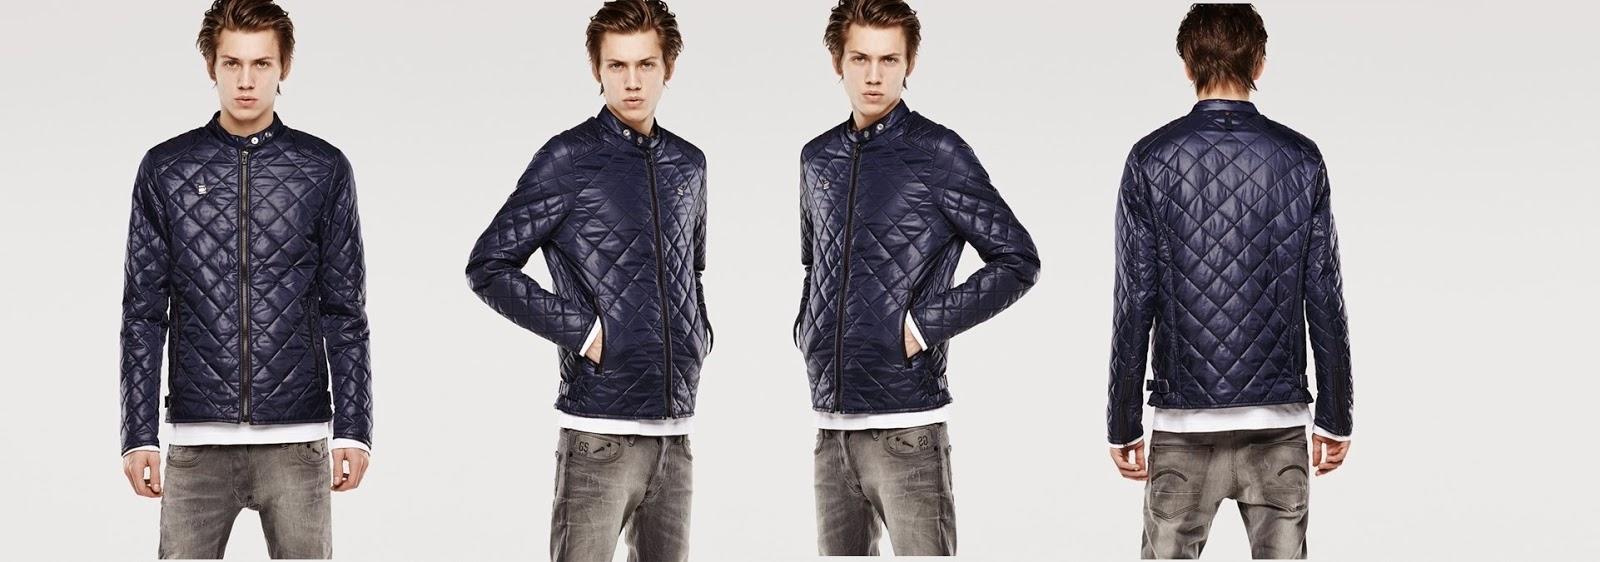 d670fe9689eb Fashion Trend ! Most Wanted Jacket In Spring News Men´s Jacket - Här Finner  Du Jackan som alla vill Ha